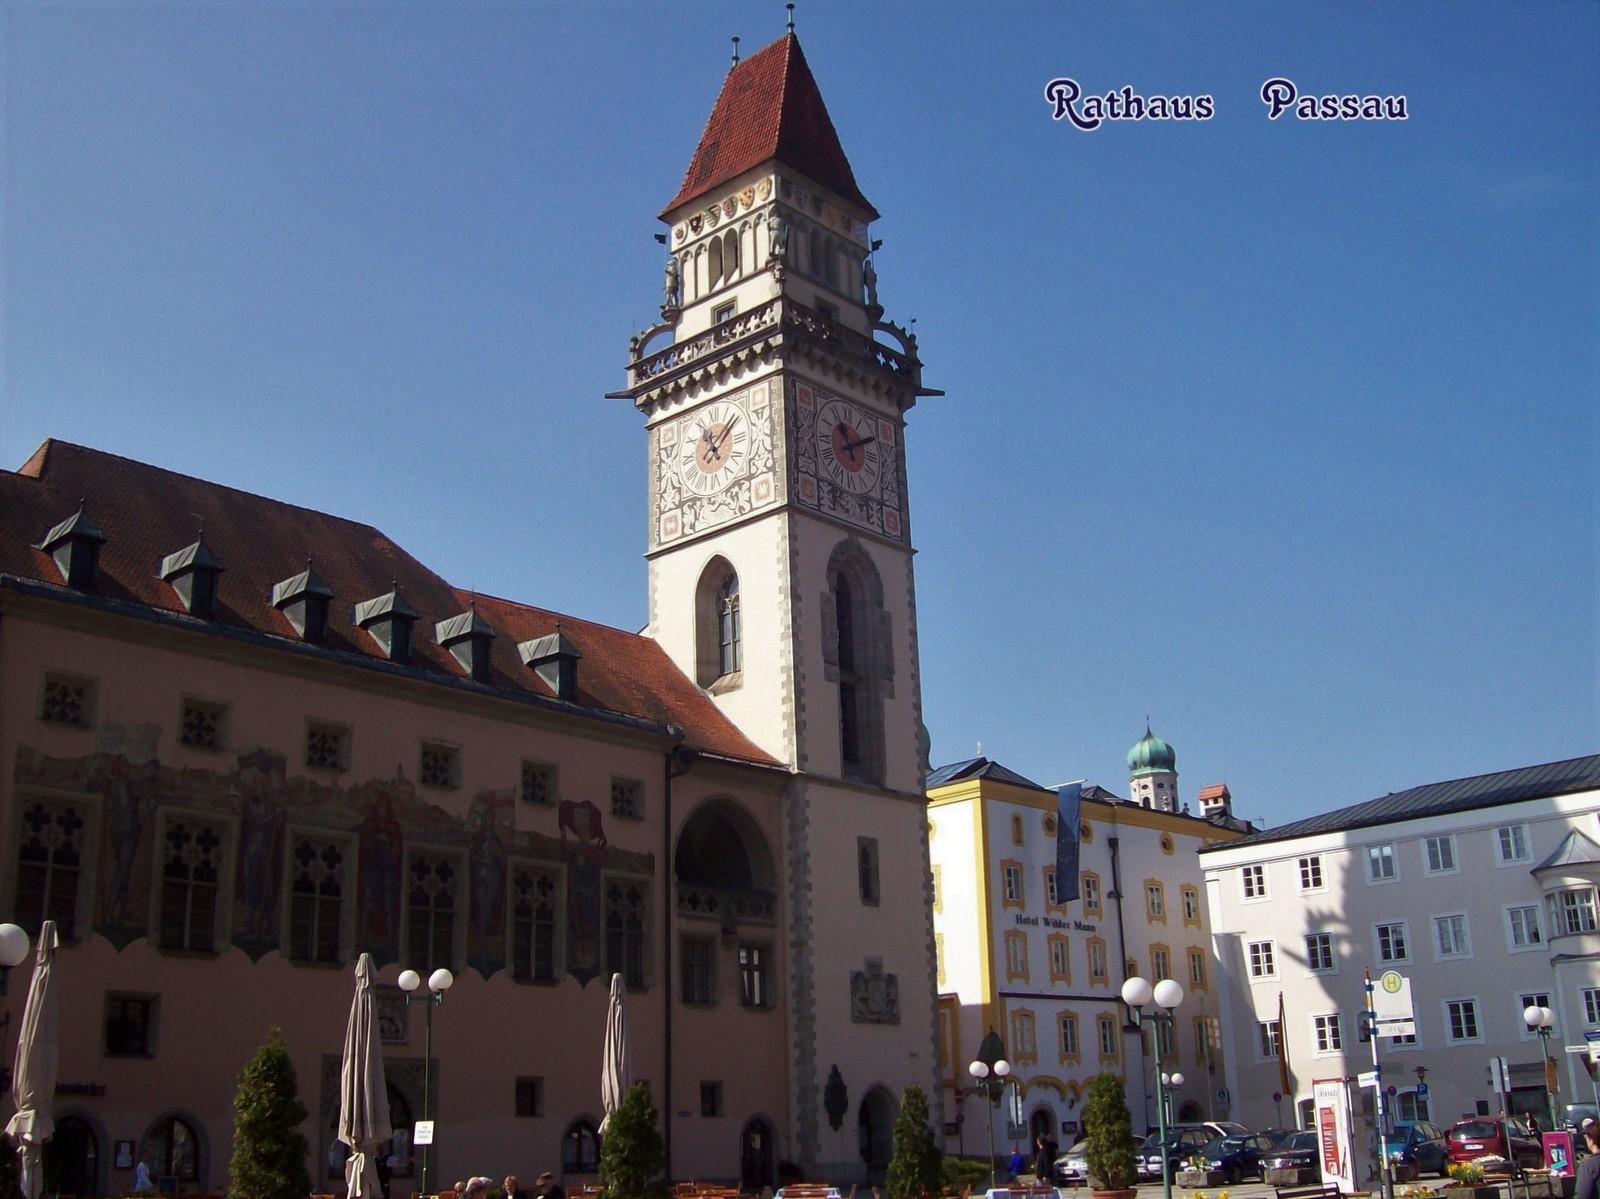 Rathaus Passau